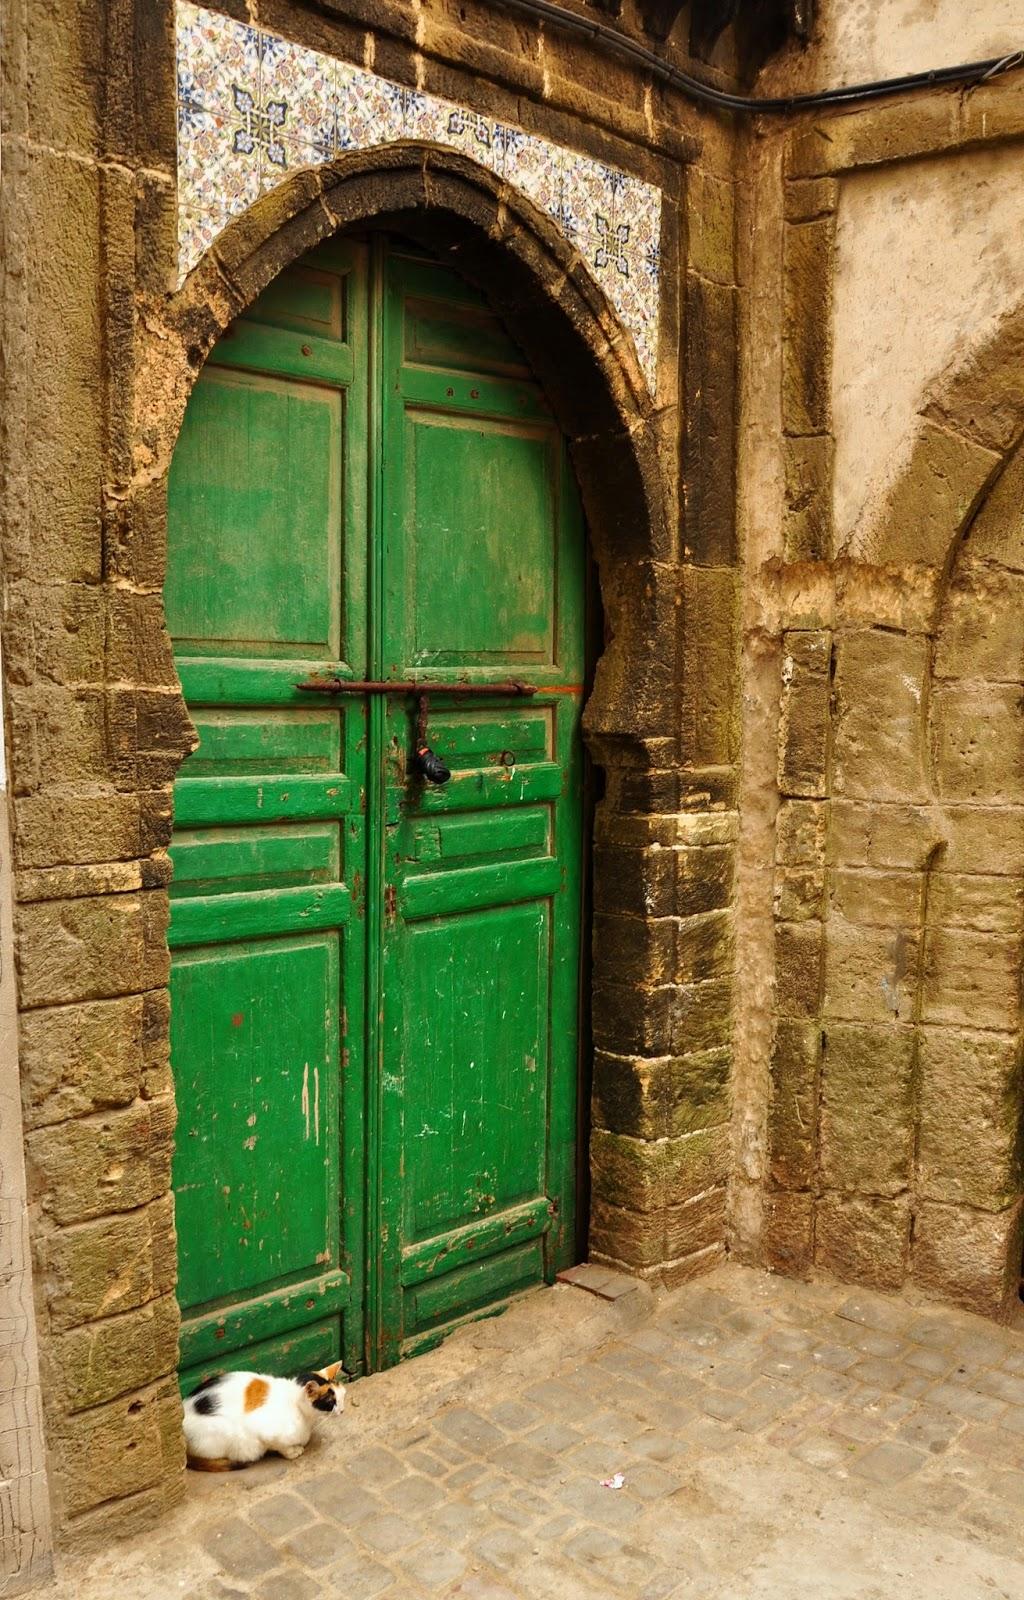 puertas con encanto en Marruecos, puertas antiguas en Marruecos